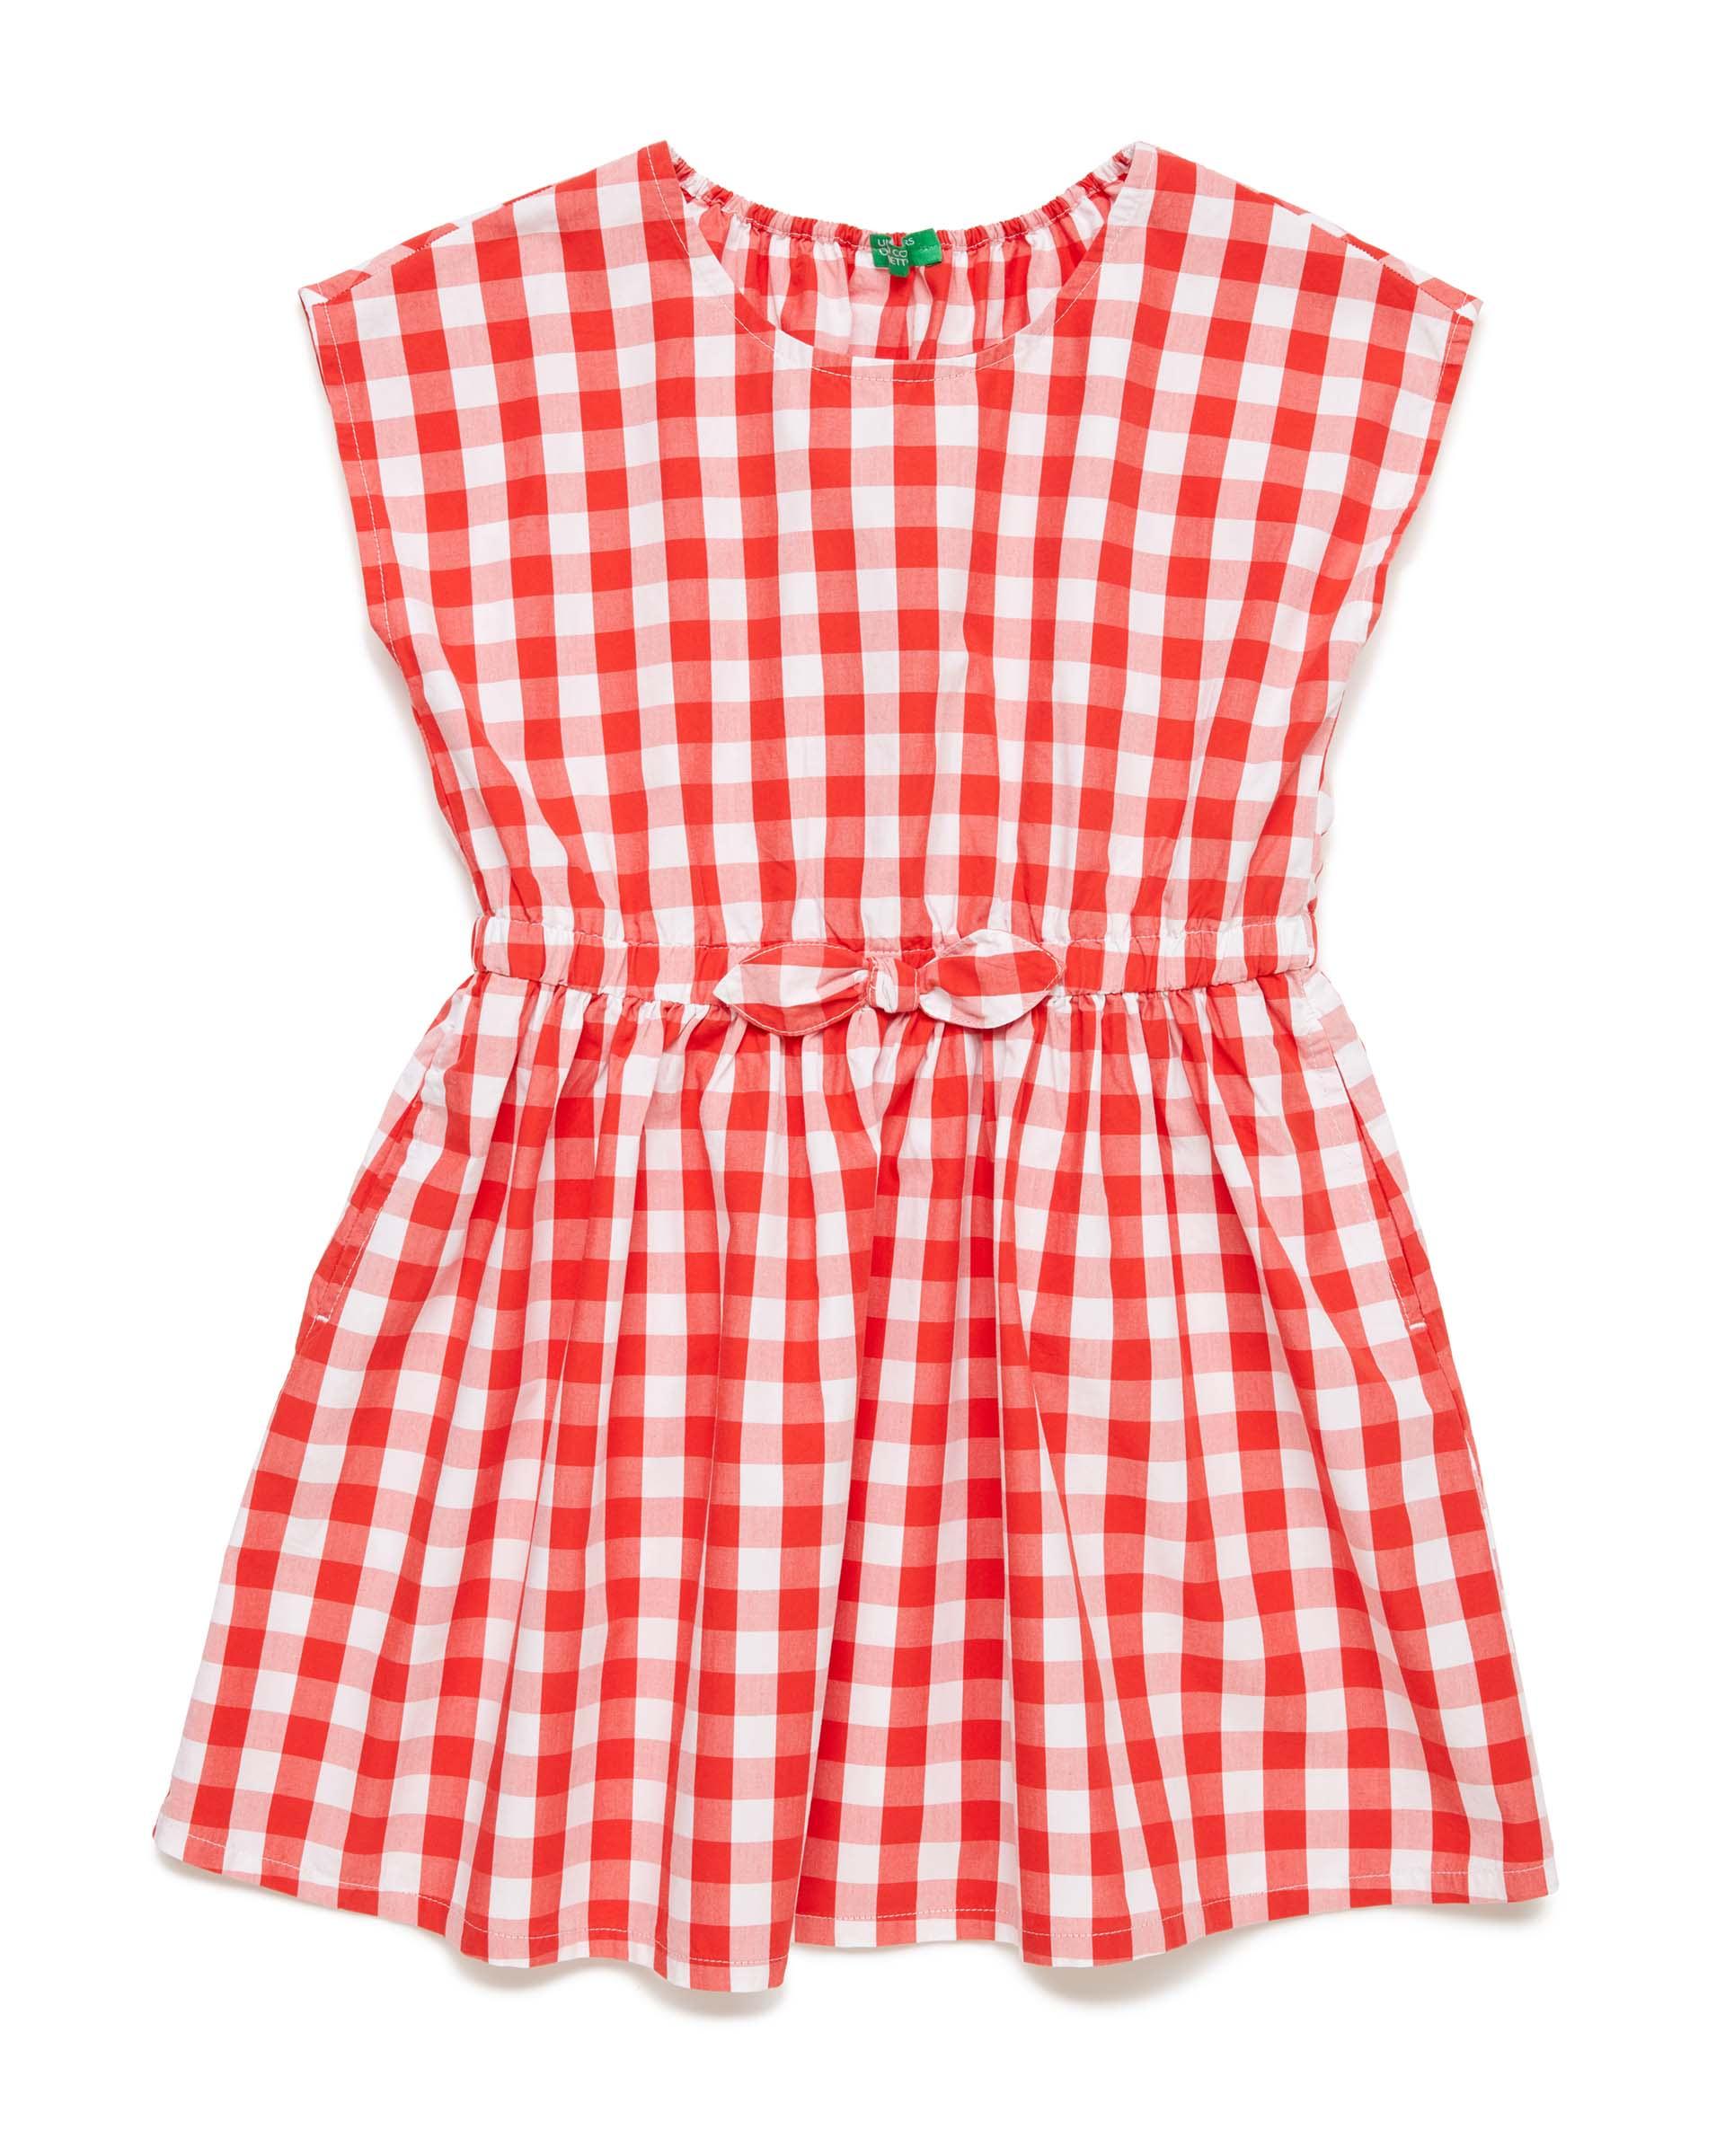 Купить 20P_4OT75VDG0_912, Платье для девочек Benetton 4OT75VDG0_912 р-р 152, United Colors of Benetton, Платья для девочек